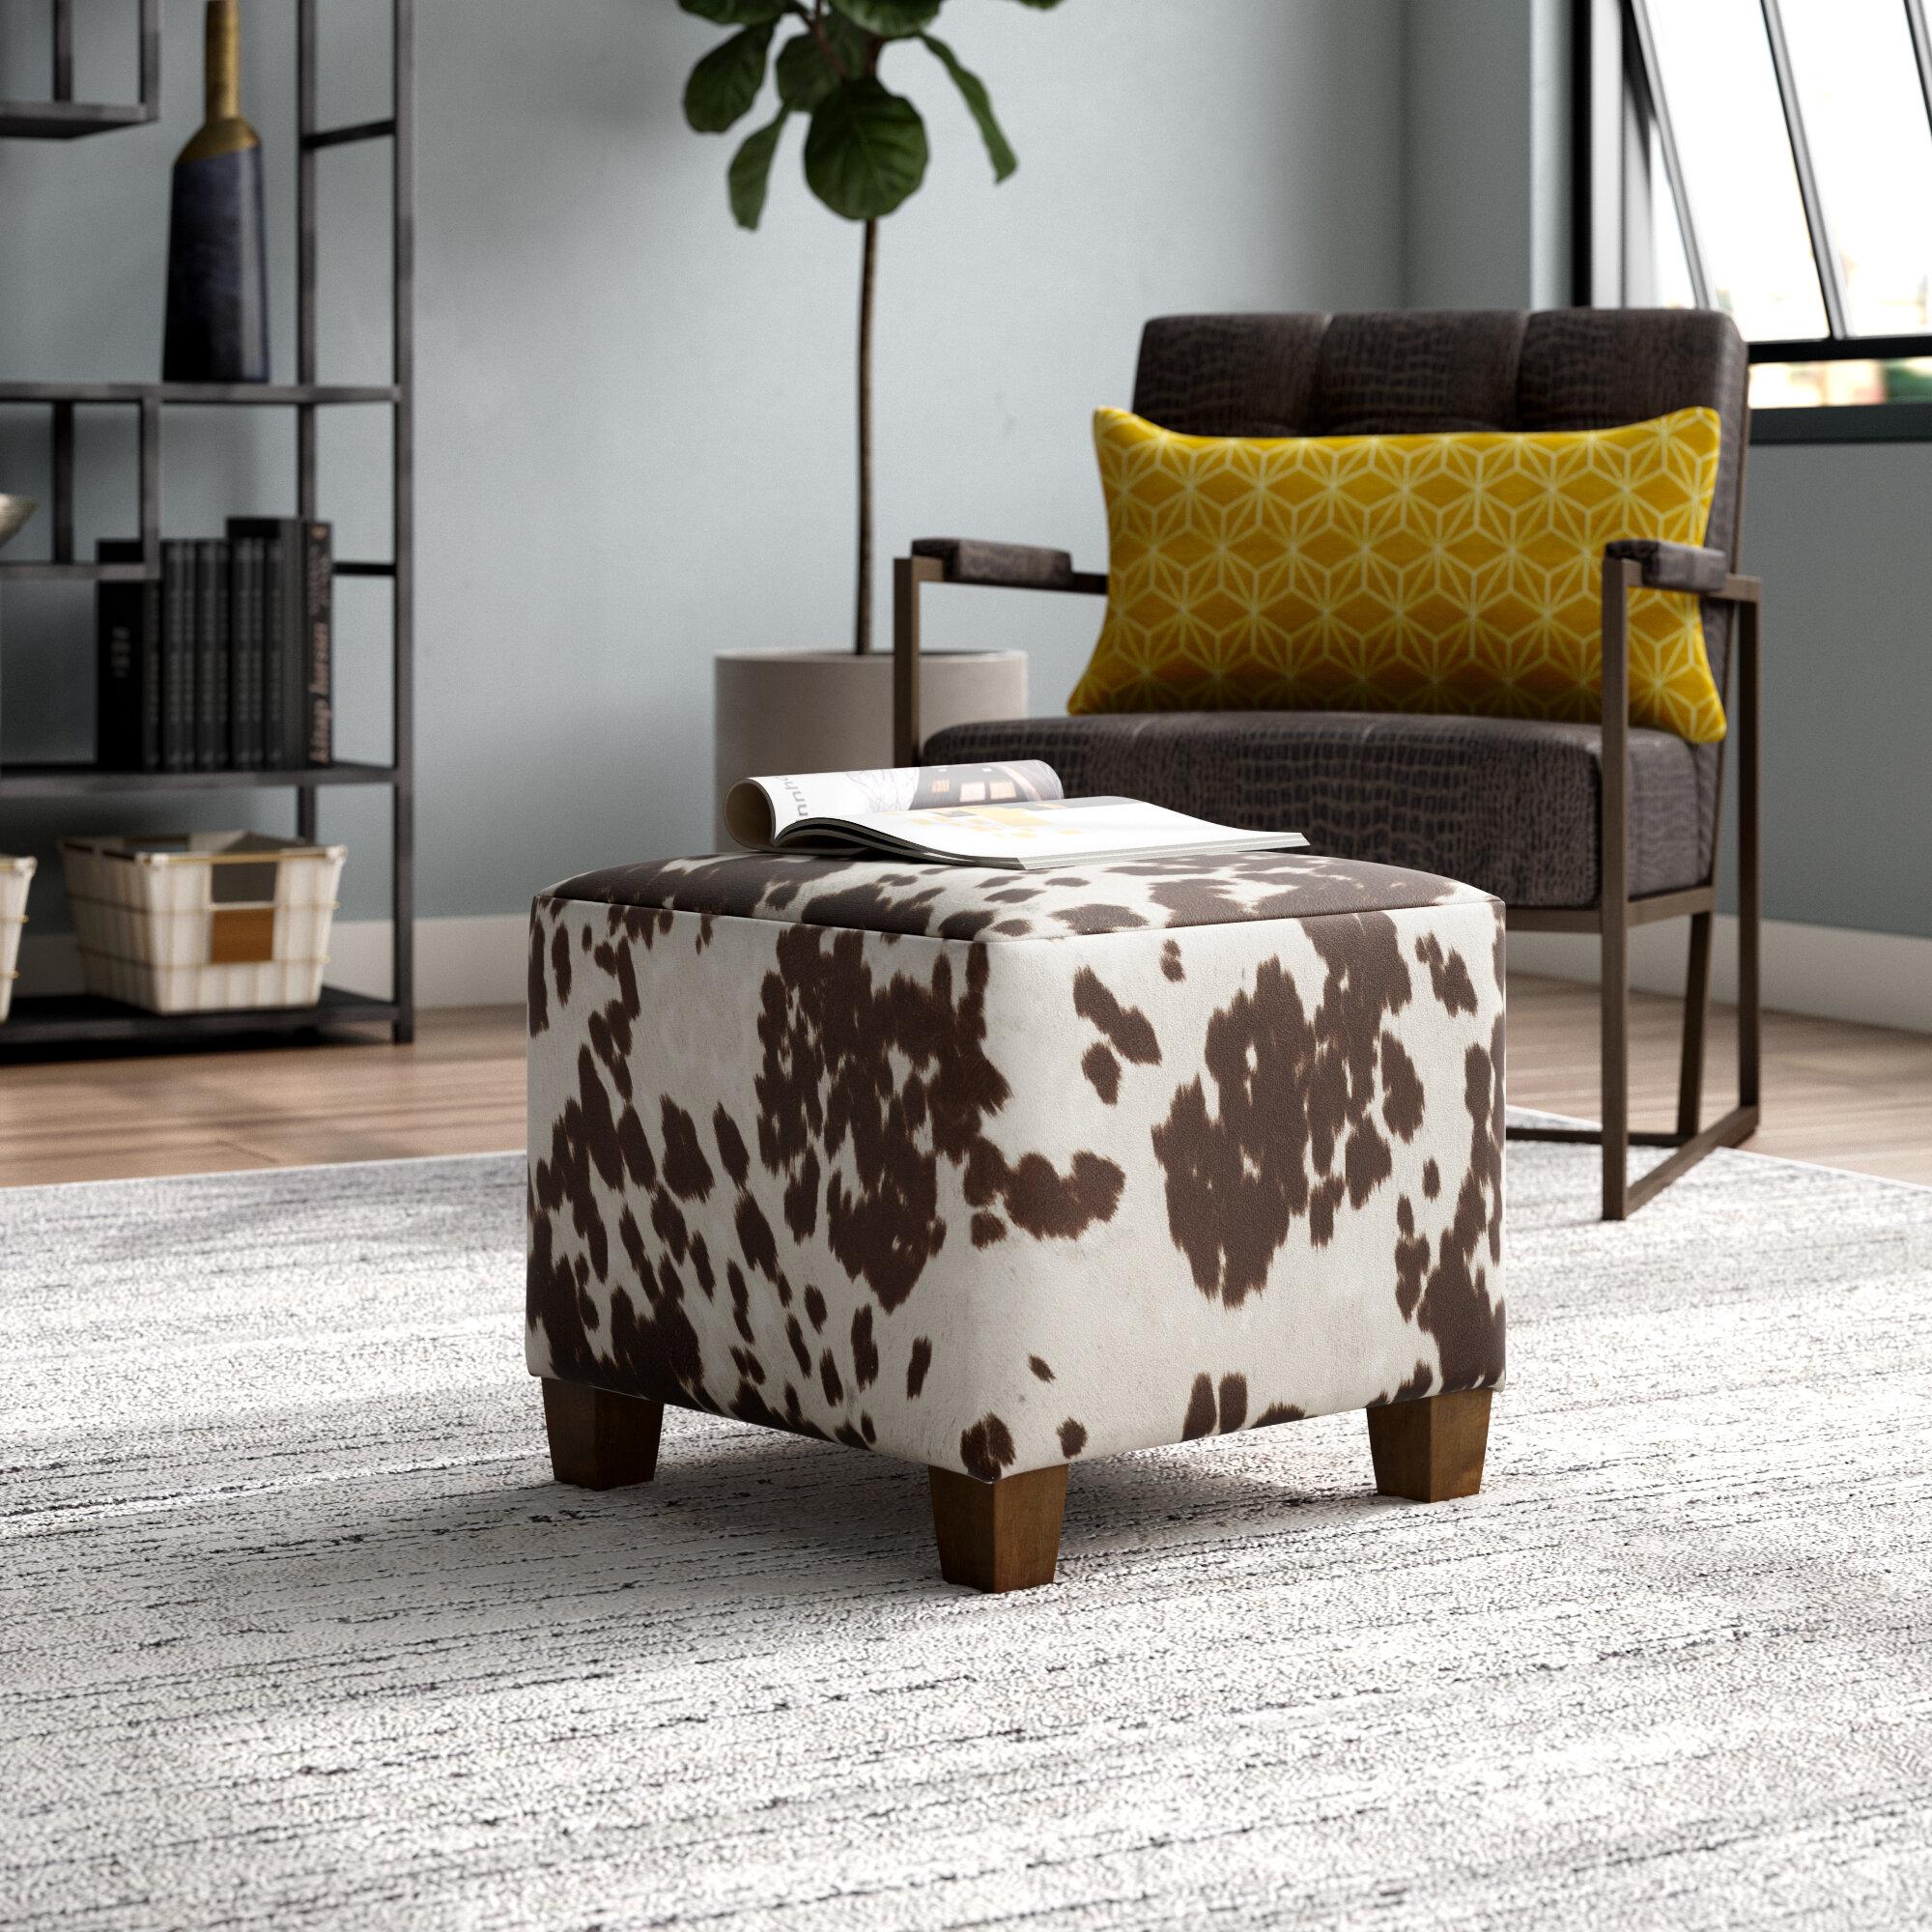 Peachy Laurel Foundry Modern Farmhouse Connie Cube Ottoman Creativecarmelina Interior Chair Design Creativecarmelinacom